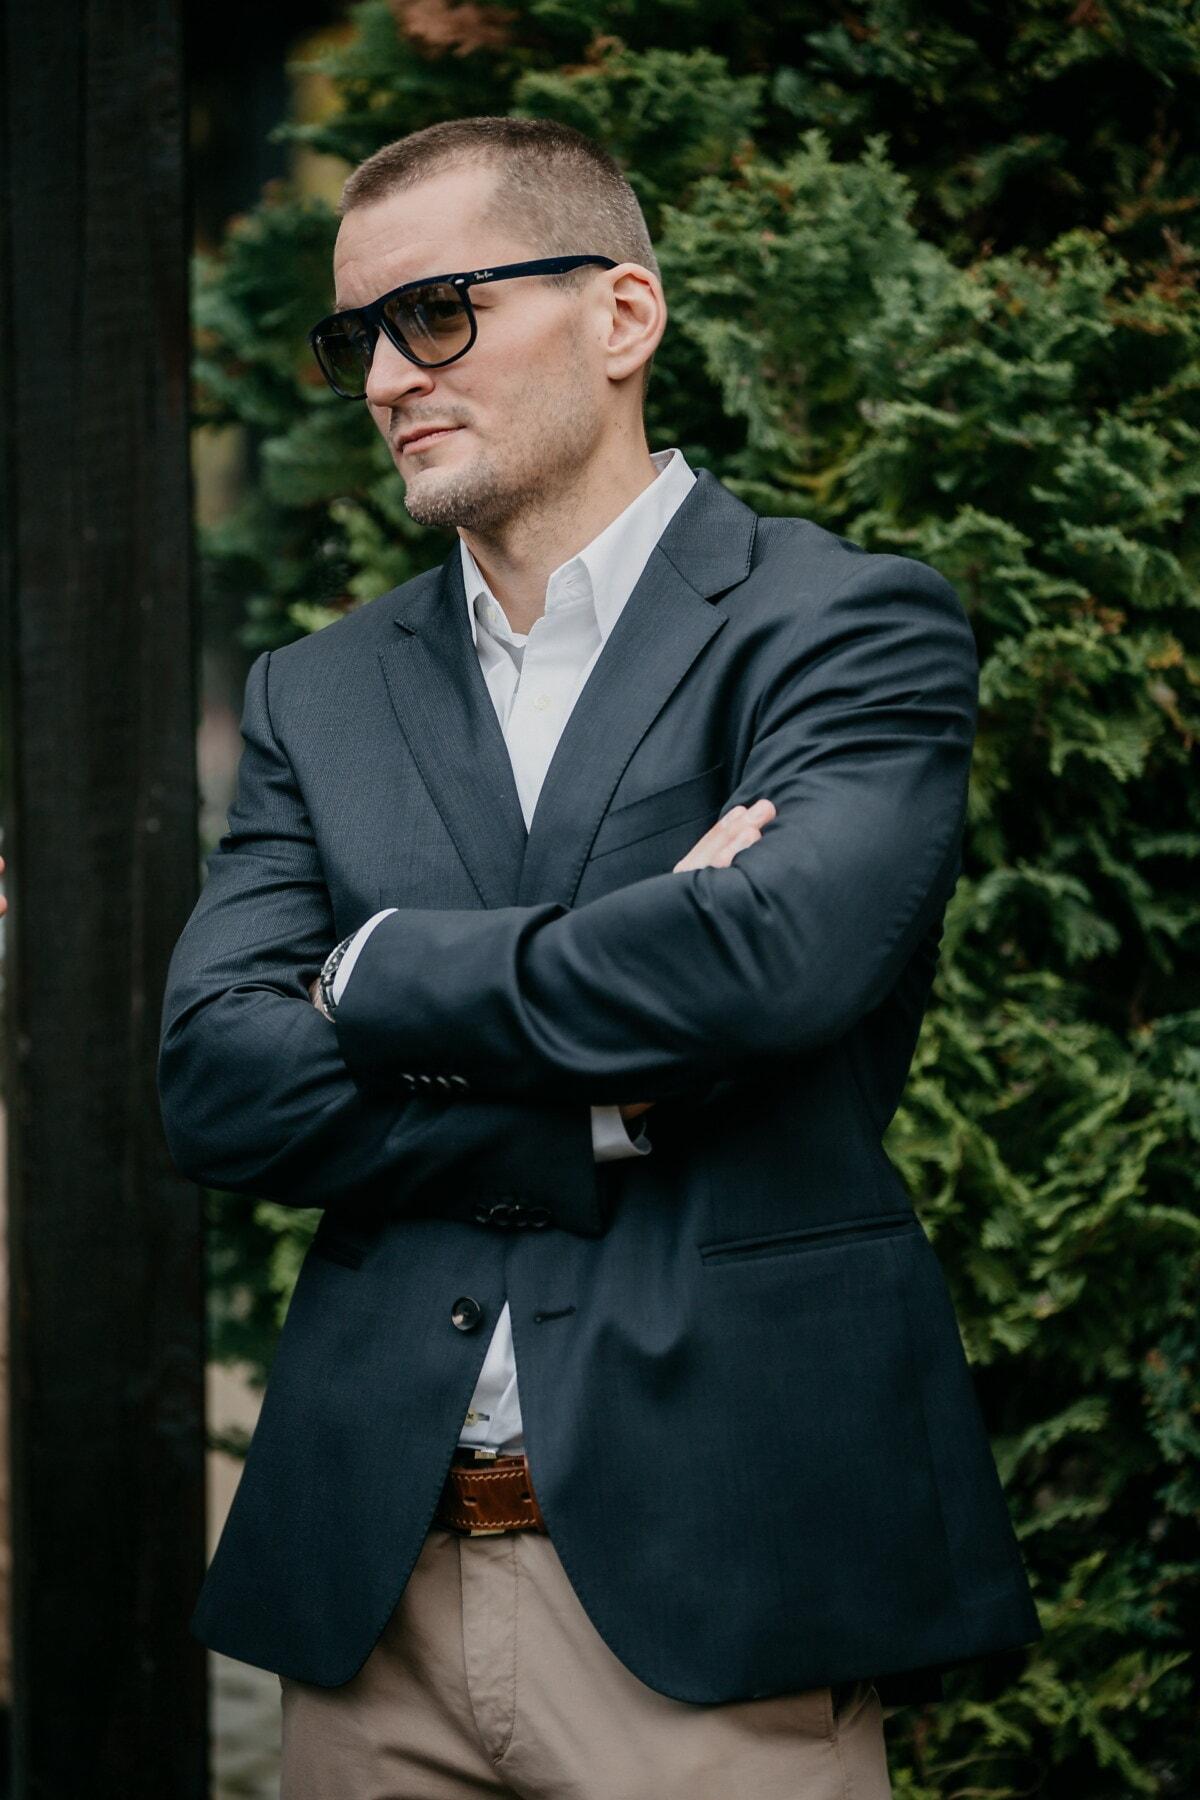 άνθρωπος, όμορφος, φωτογραφία μοντέλο, θέτοντας, Διαχείριση, εμπιστοσύνη, επιχειρηματίας, γυαλιά ηλίου, γενειάδα, ένδυμα